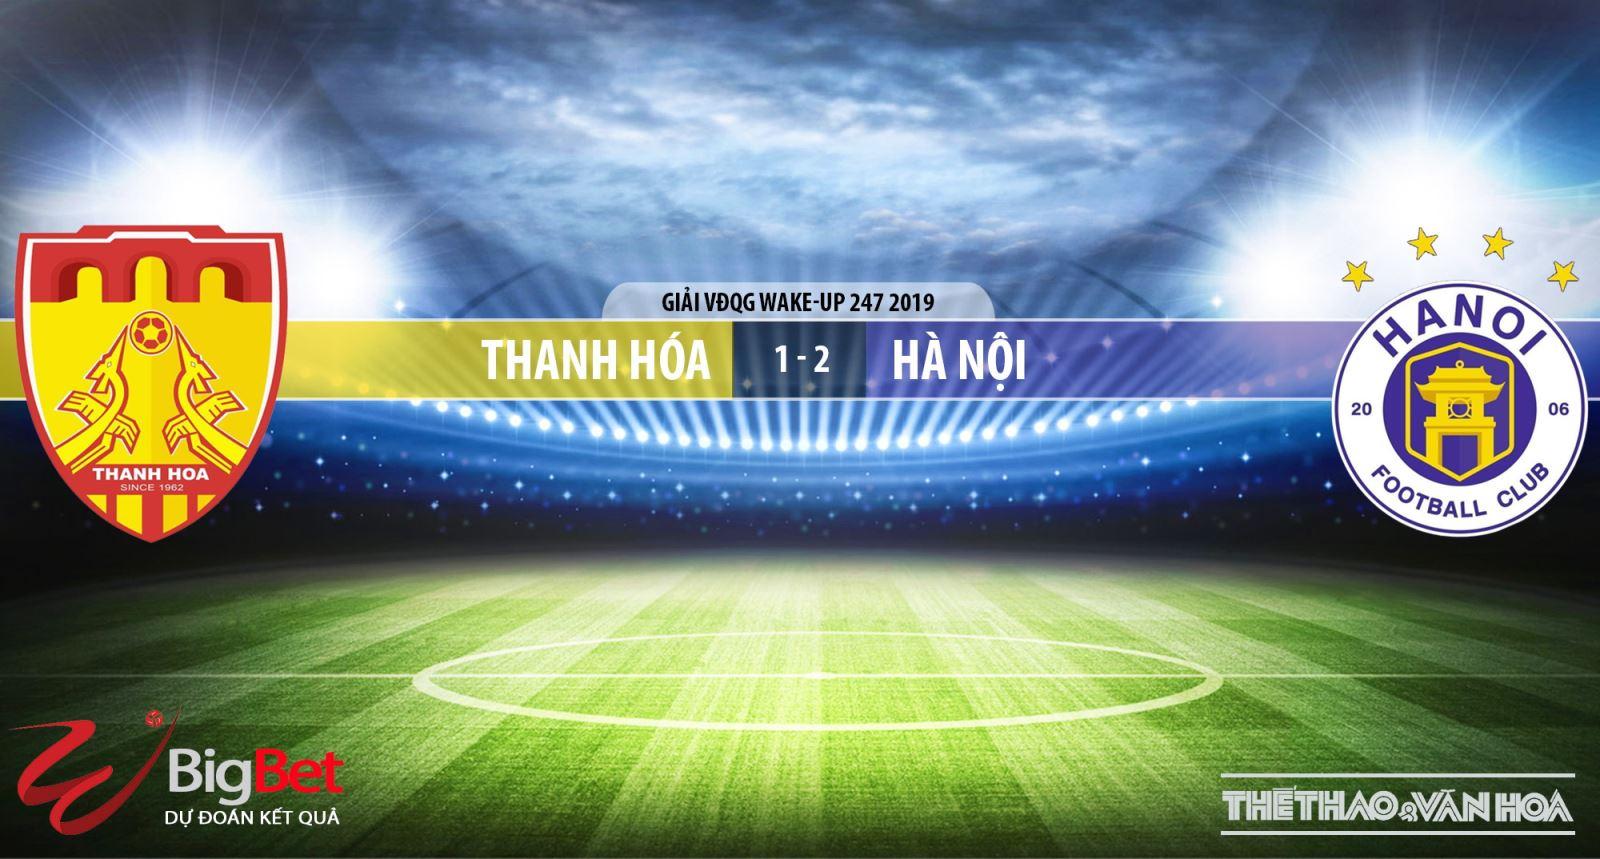 Thanh Hóa vs Hà Nội, Thanh Hóa, Hà Nội, truc tiep bong da, trực tiếp bóng đá, truc tiep Thanh Hoa, truc tiep Thanh Hoa vs Ha Noi, v league 2019, truc tiep v league, BDTV, FPT Play